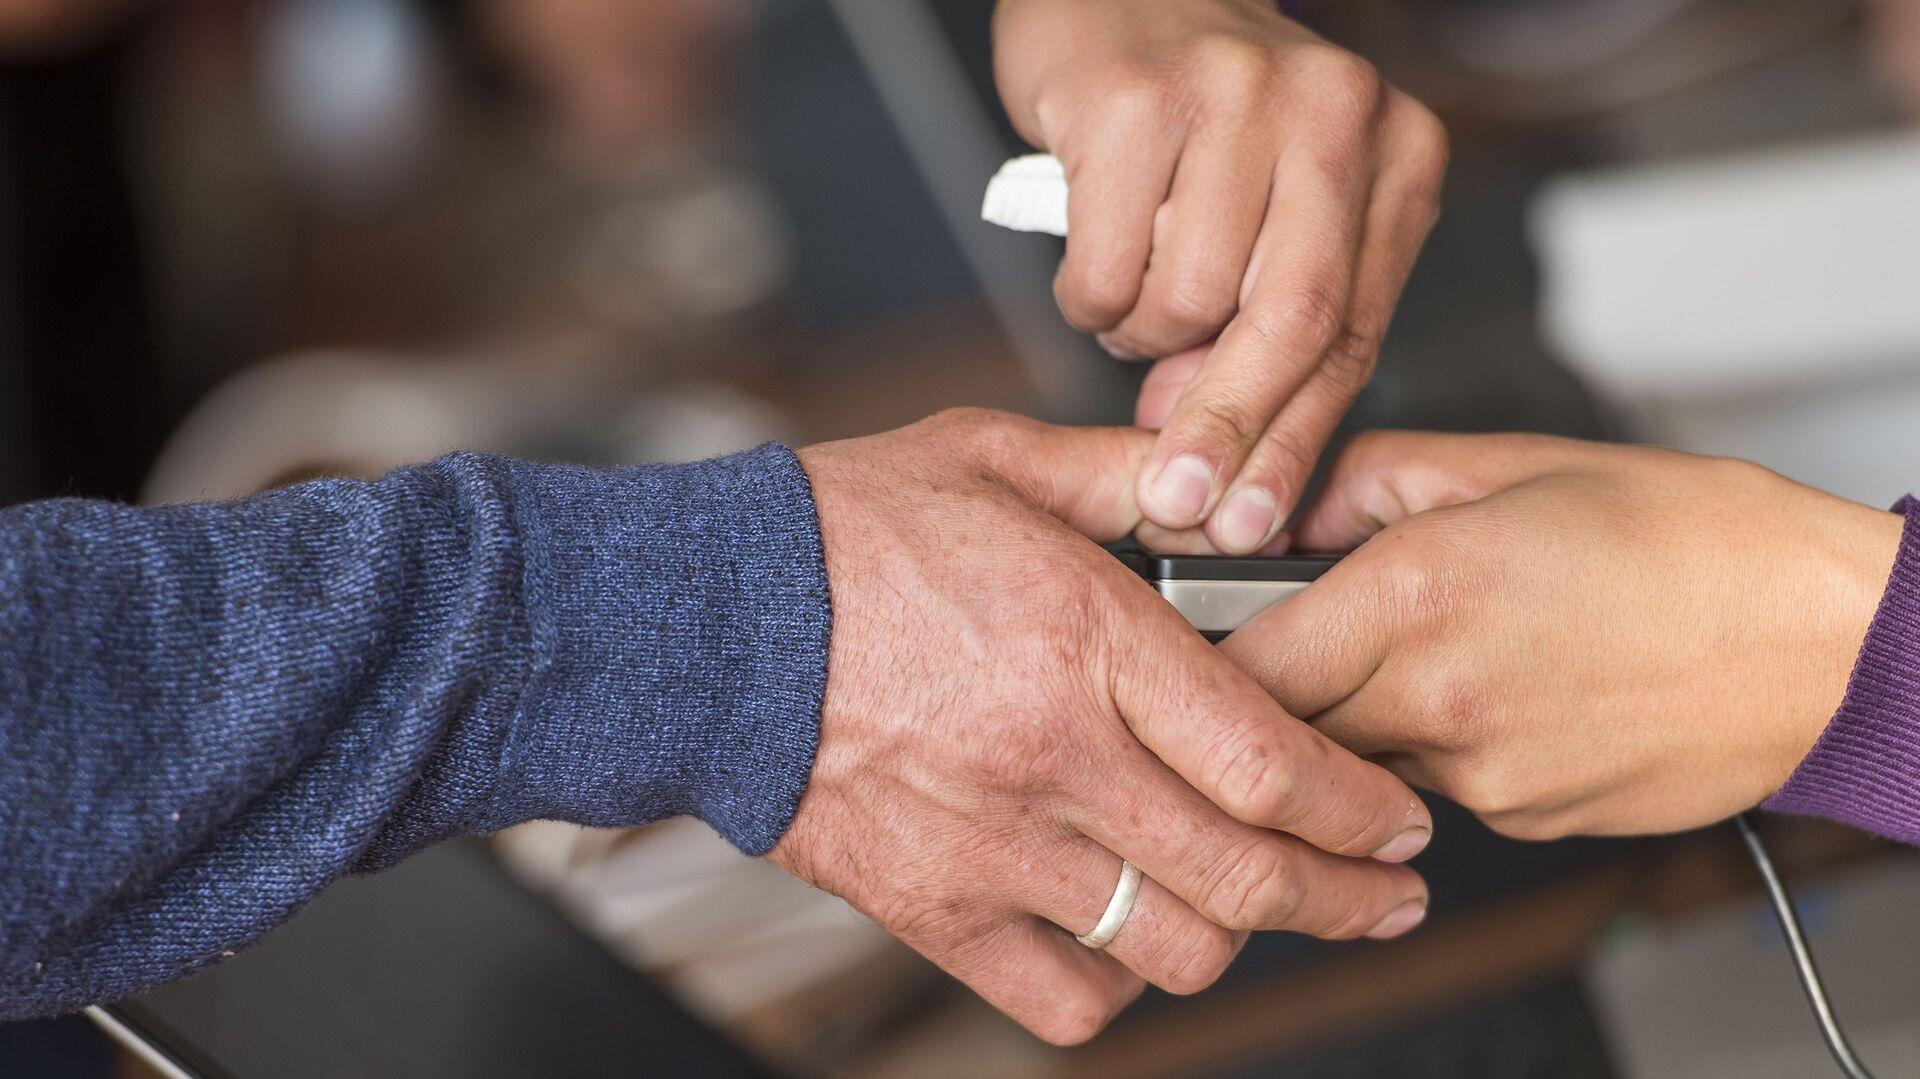 Сканирование отпечатка пальца избирателя на избирательном участке в Бишкеке в ходе выборов президента Киргизии. 15 октября 2017 - РИА Новости, 1920, 13.08.2020